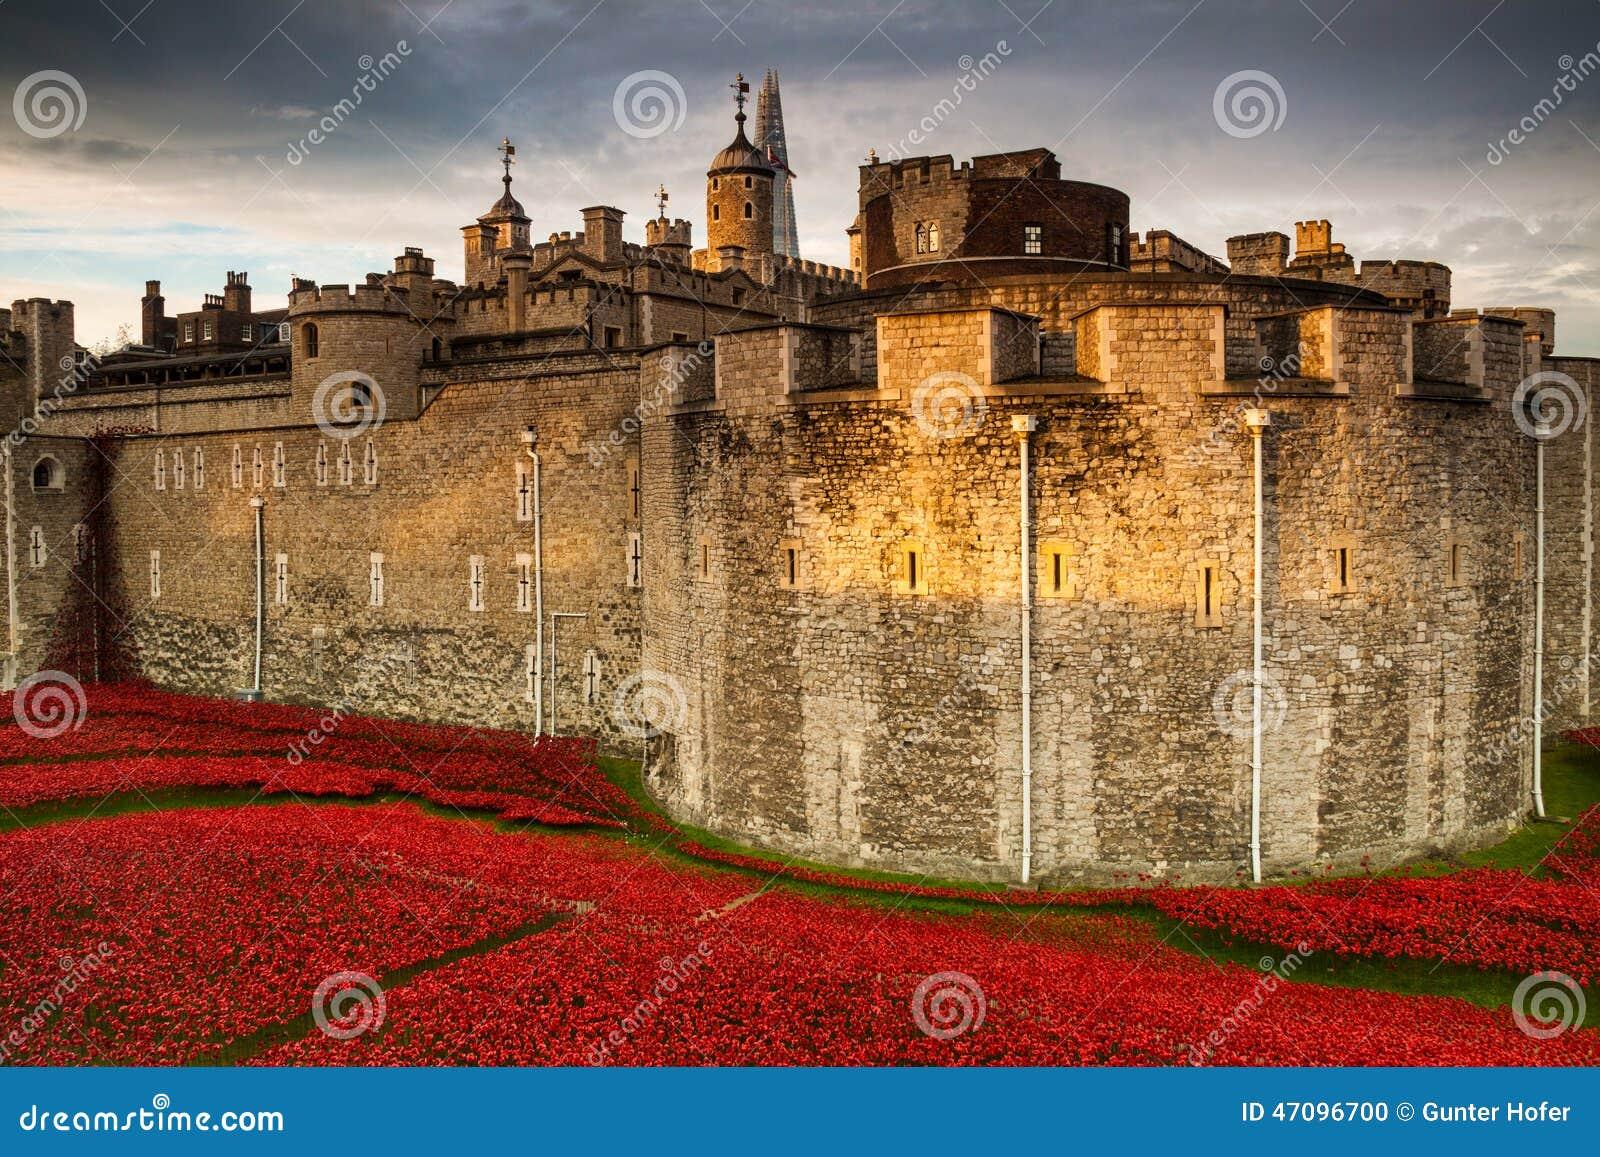 Tower of London Poppy display WW1